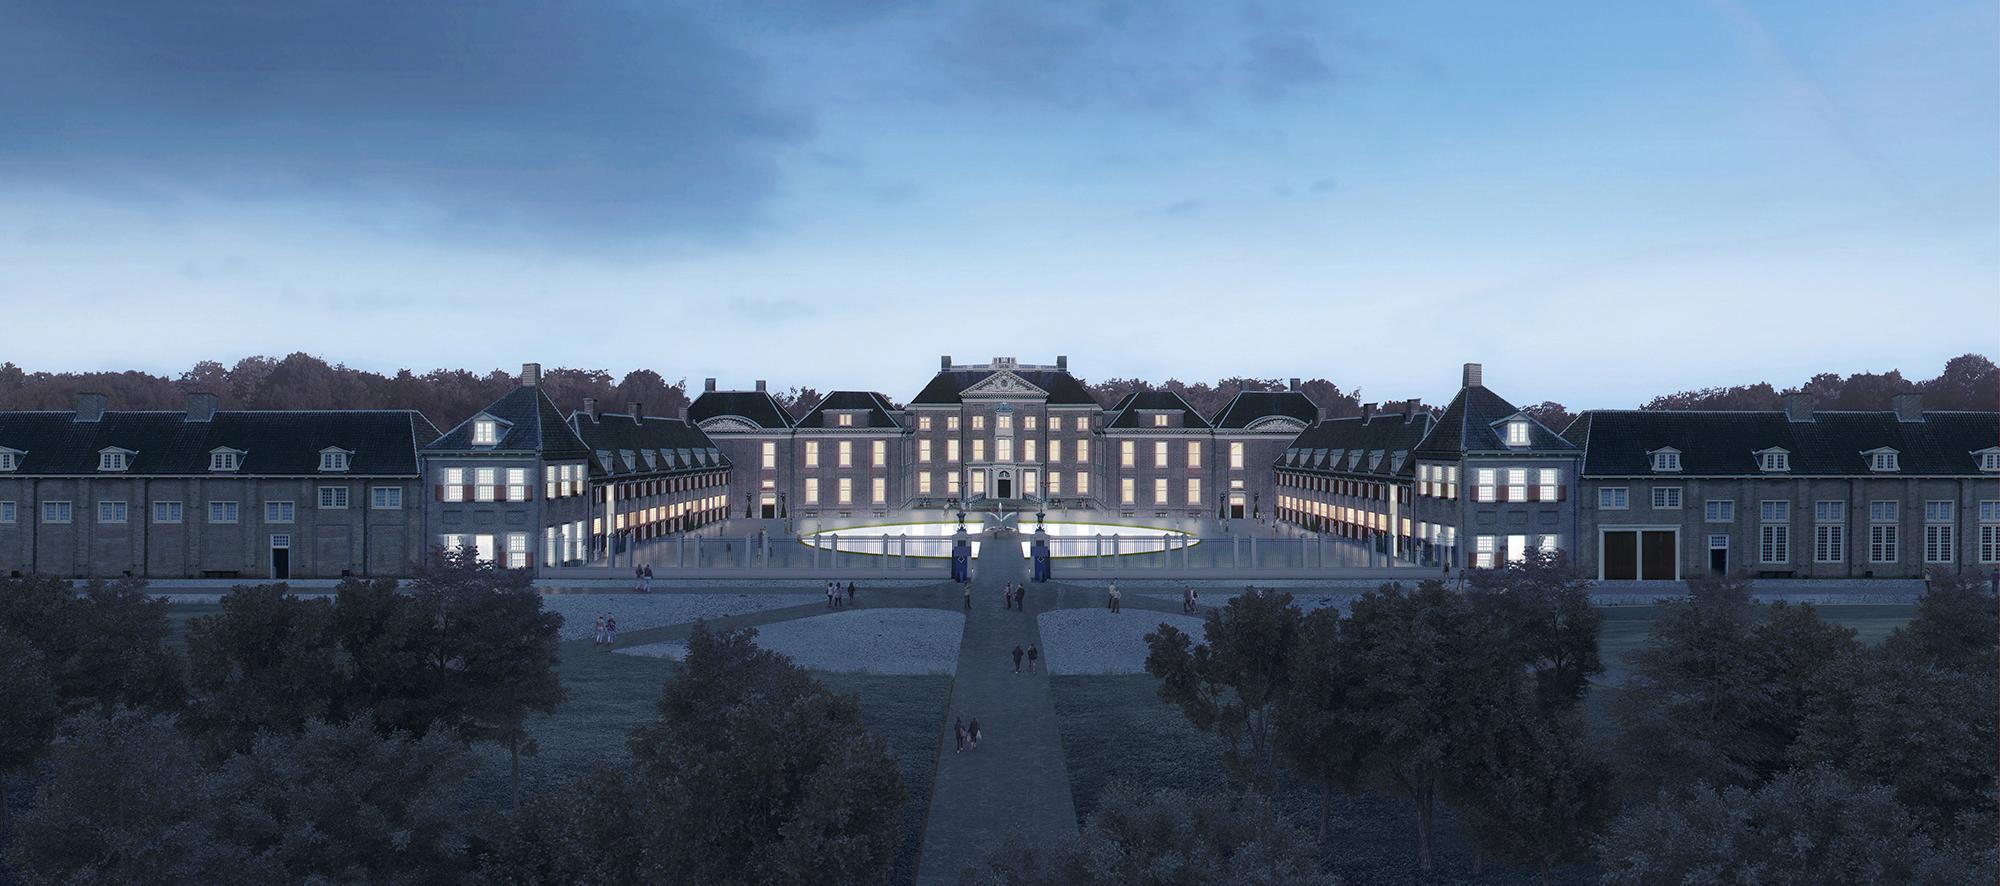 El diseño de KAAN Architecten para la expansión y reforma del Museum Paleis Het Loo. Imagen © cortesía de KAAN Architecten